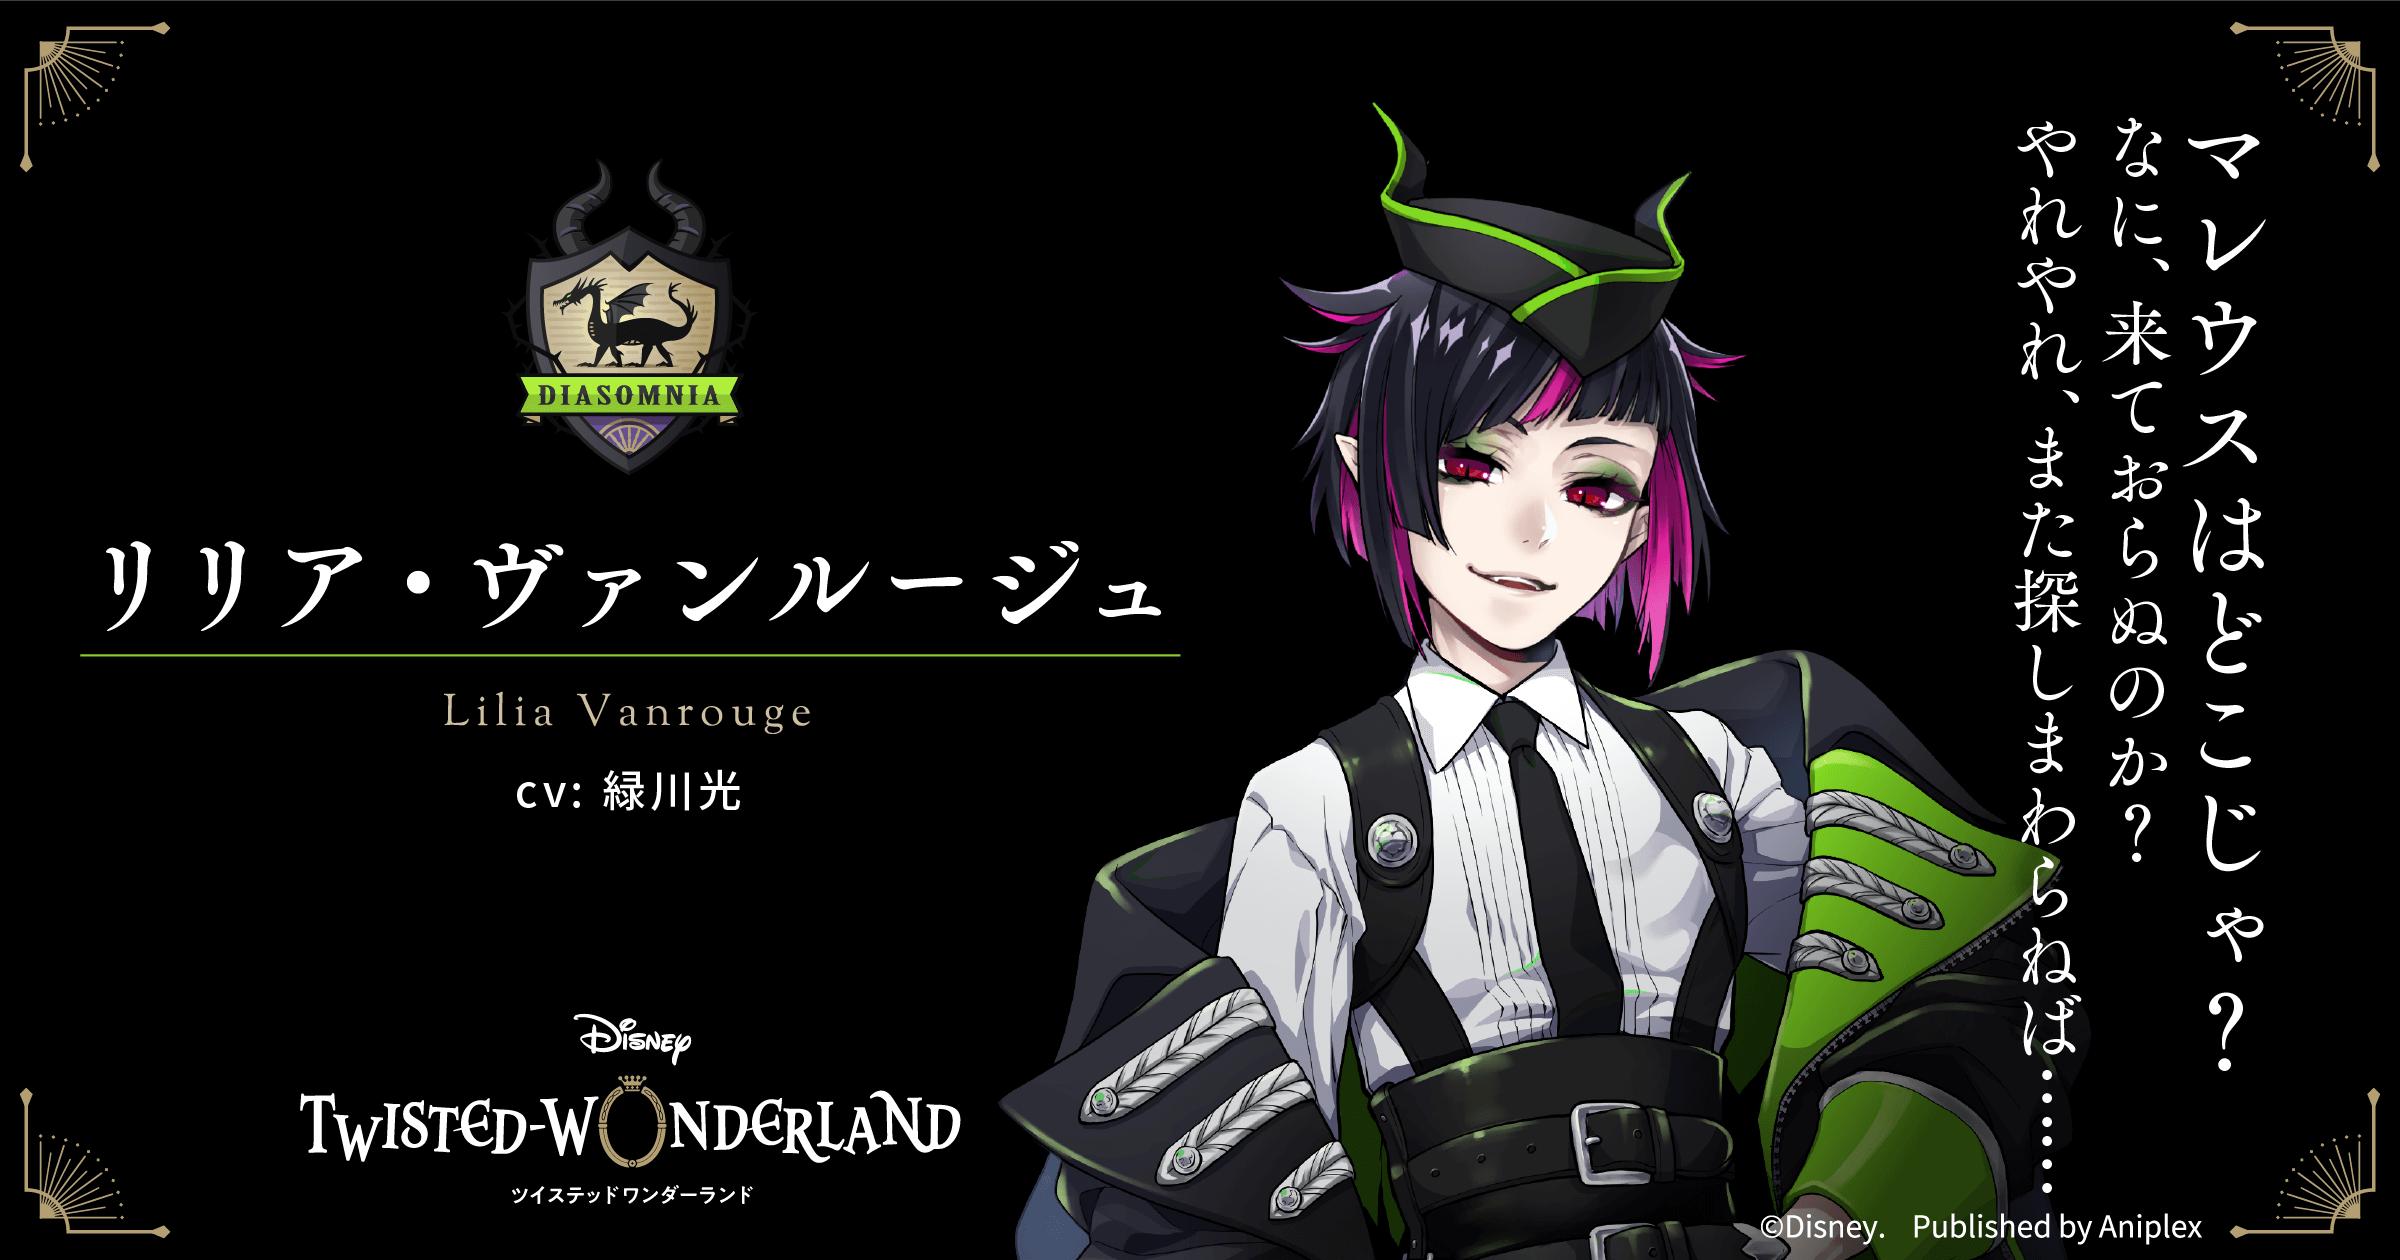 リリア・ヴァンルージュ/緑川光